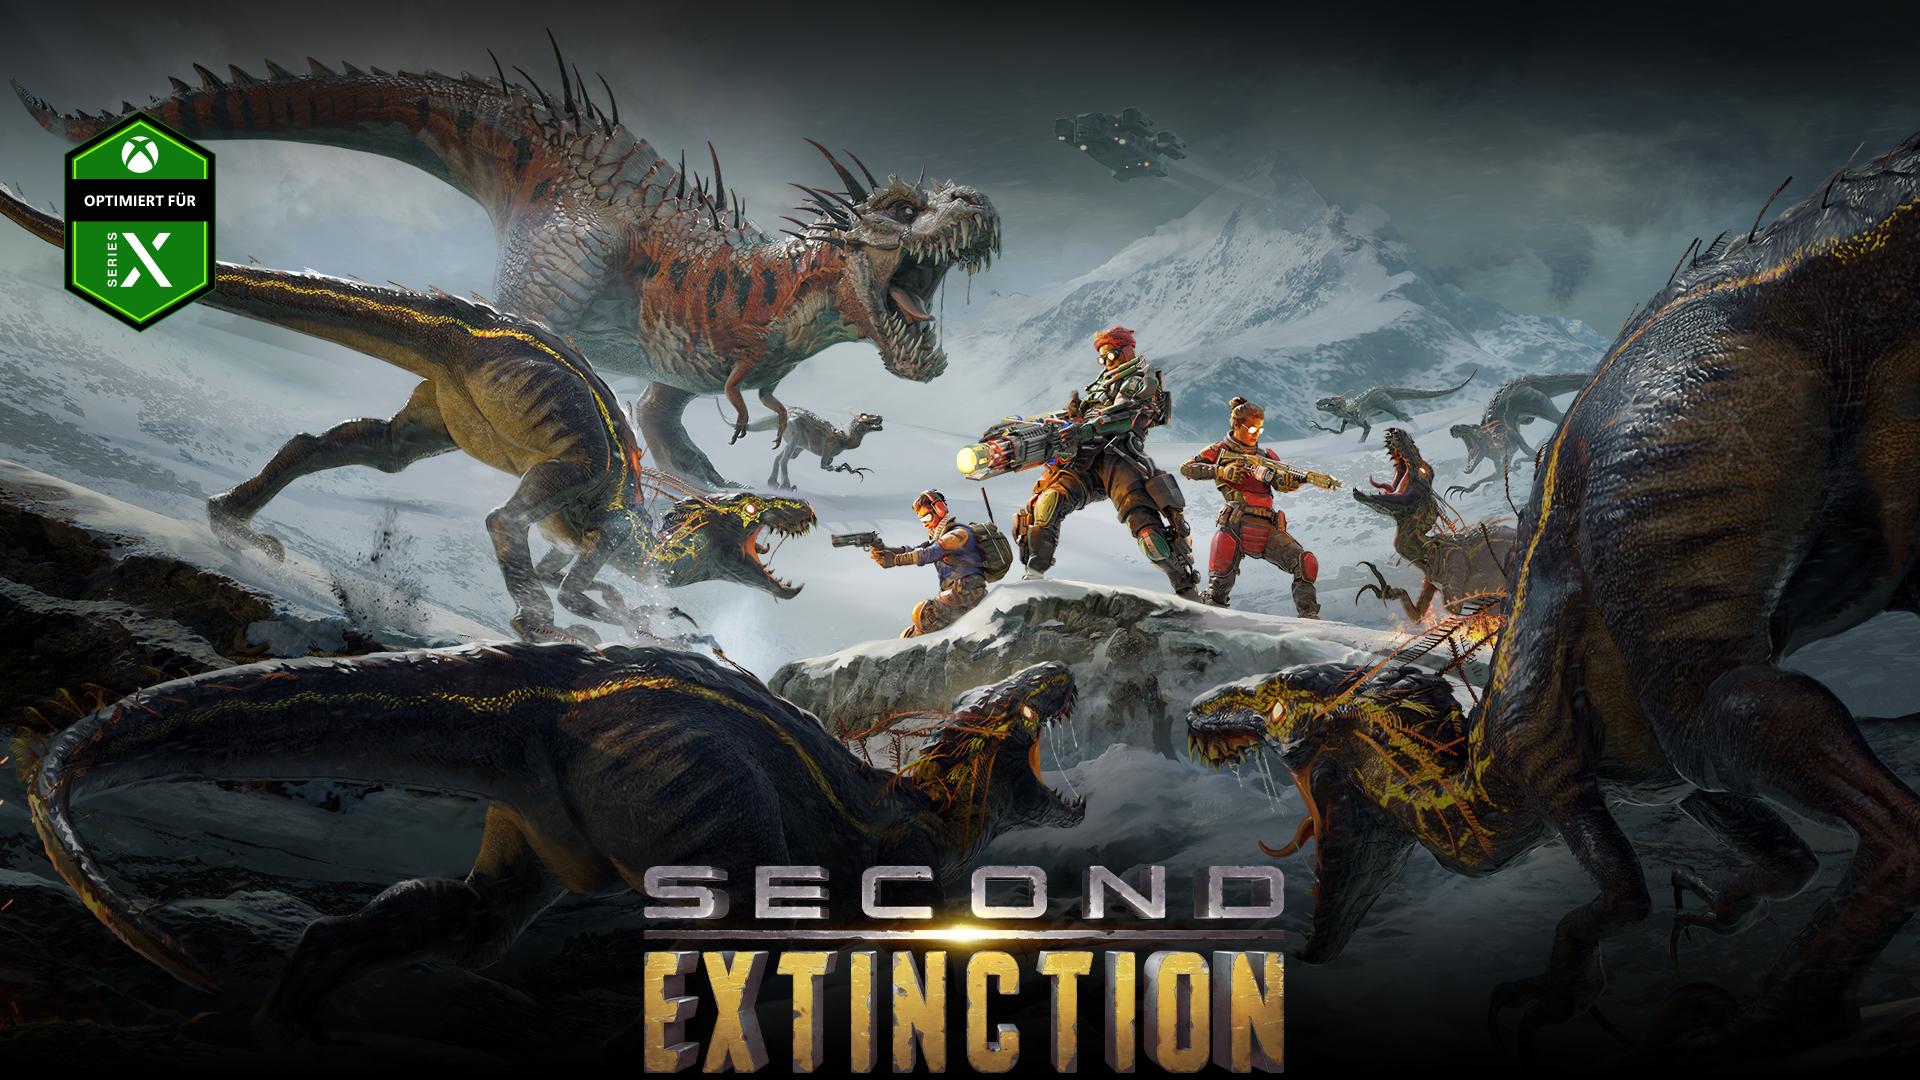 Second Extinction, Optimiert für Series X, eine Gruppe von Figuren stößt mit einer Gruppe von Dinosauriern zusammen.